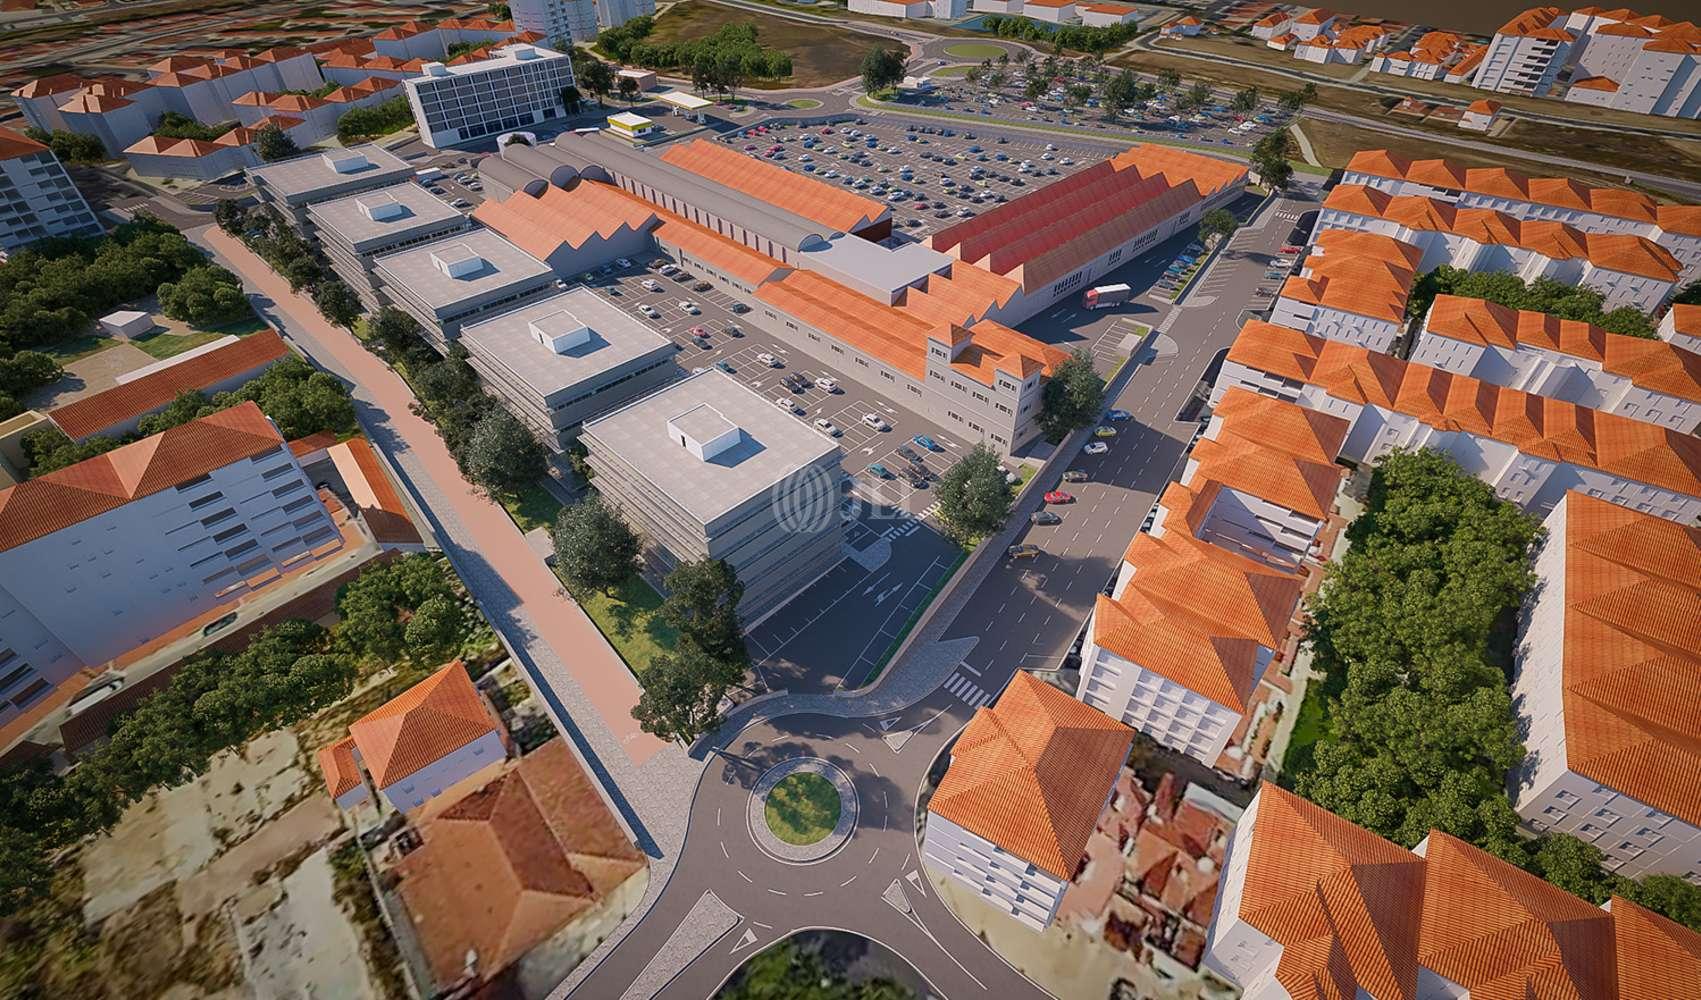 Escritórios S. domigos rana, 2789-524 - Alagoa Office & Retail Center - 2